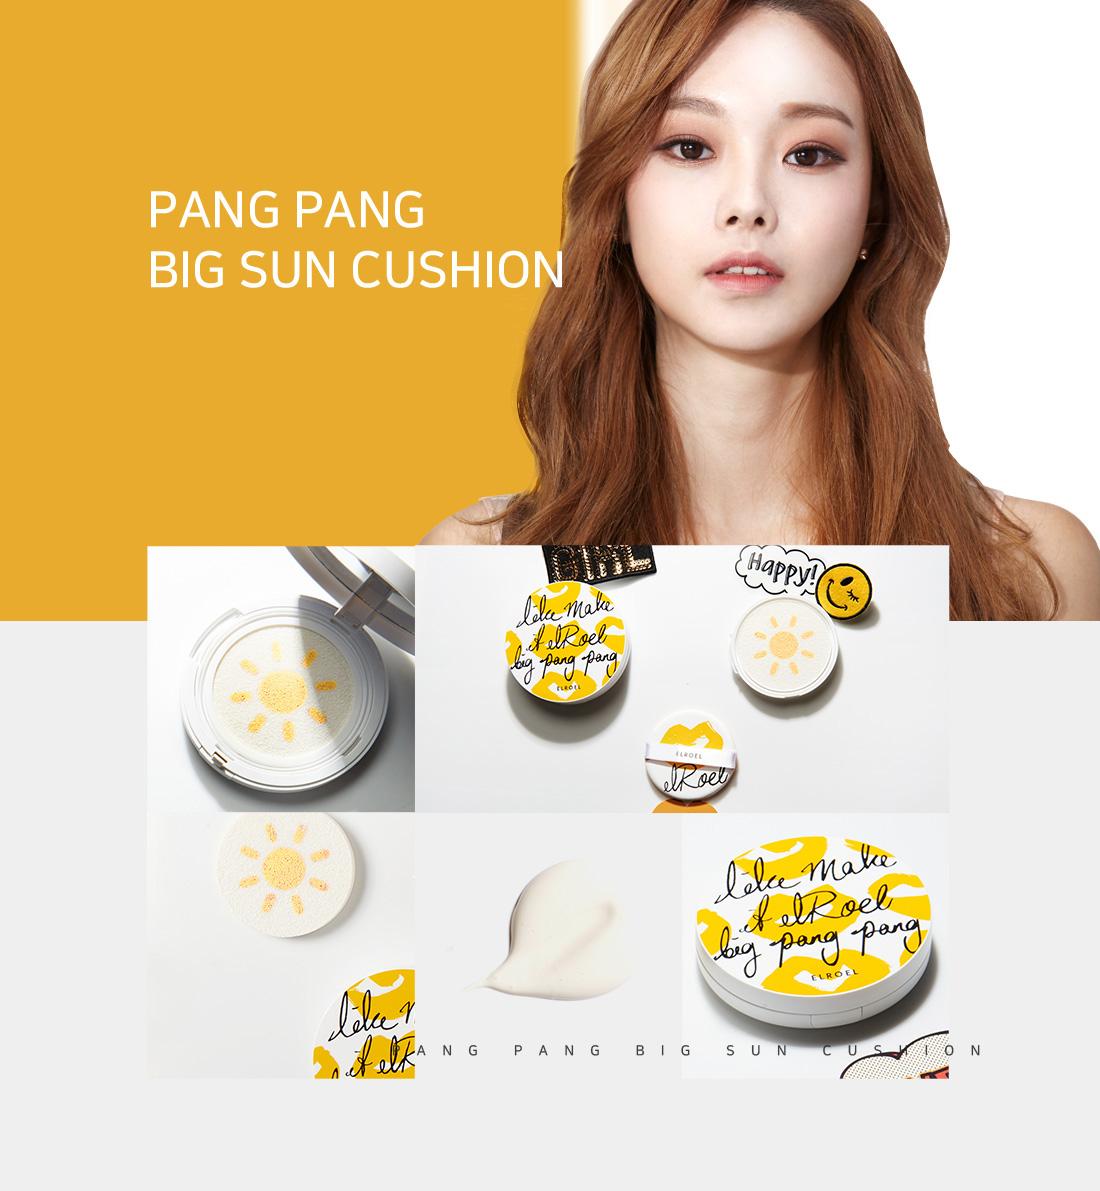 sun_cushion_3.jpg